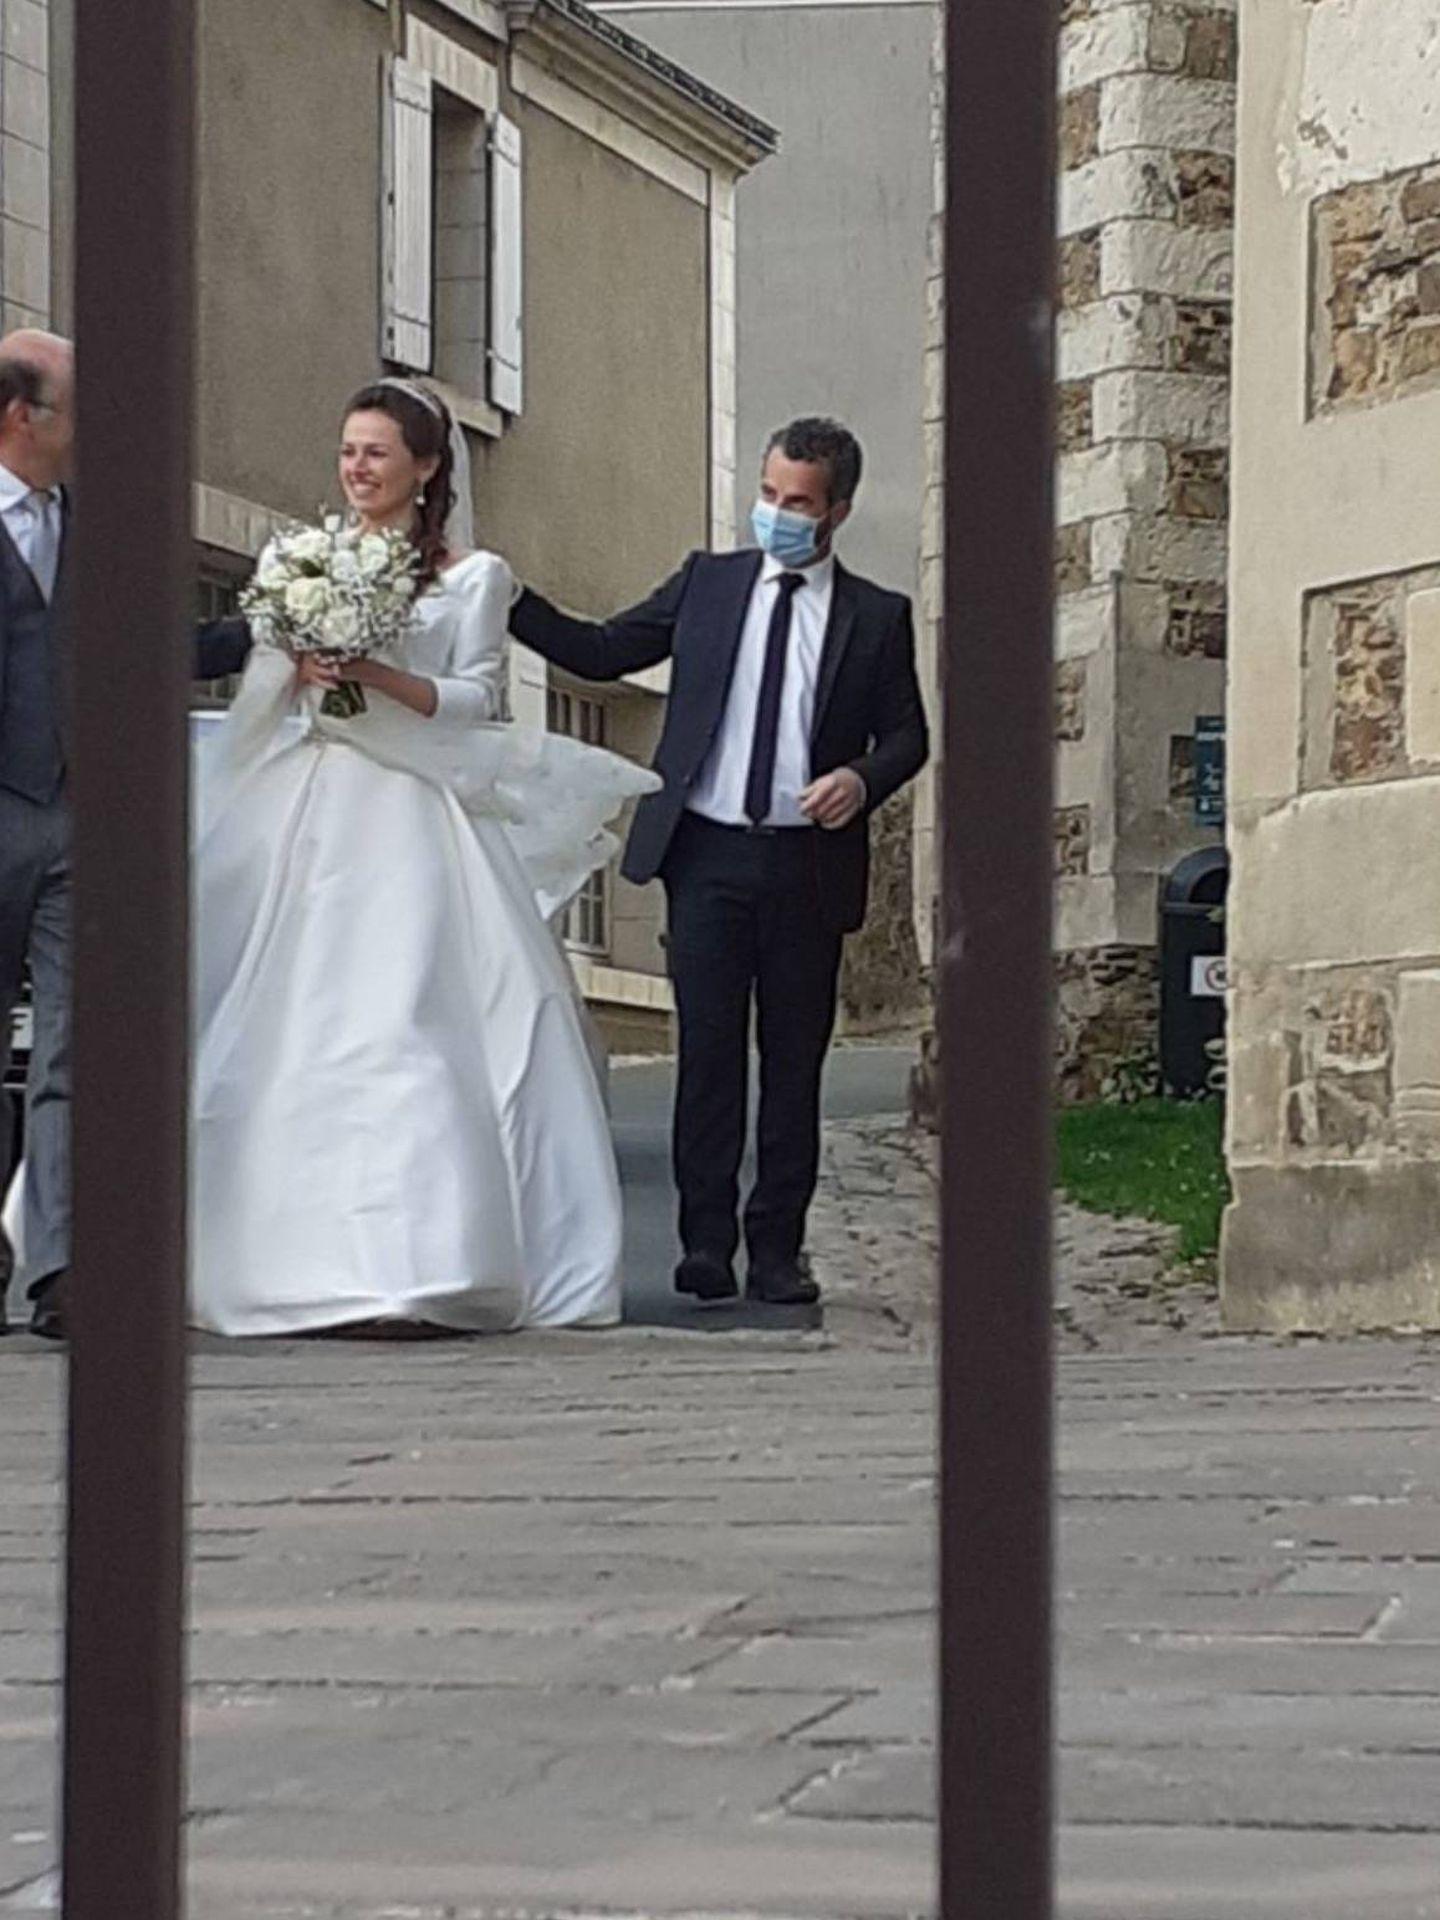 Délia de Cossé-Brissac, en su boda el pasado sábado. (Redes)